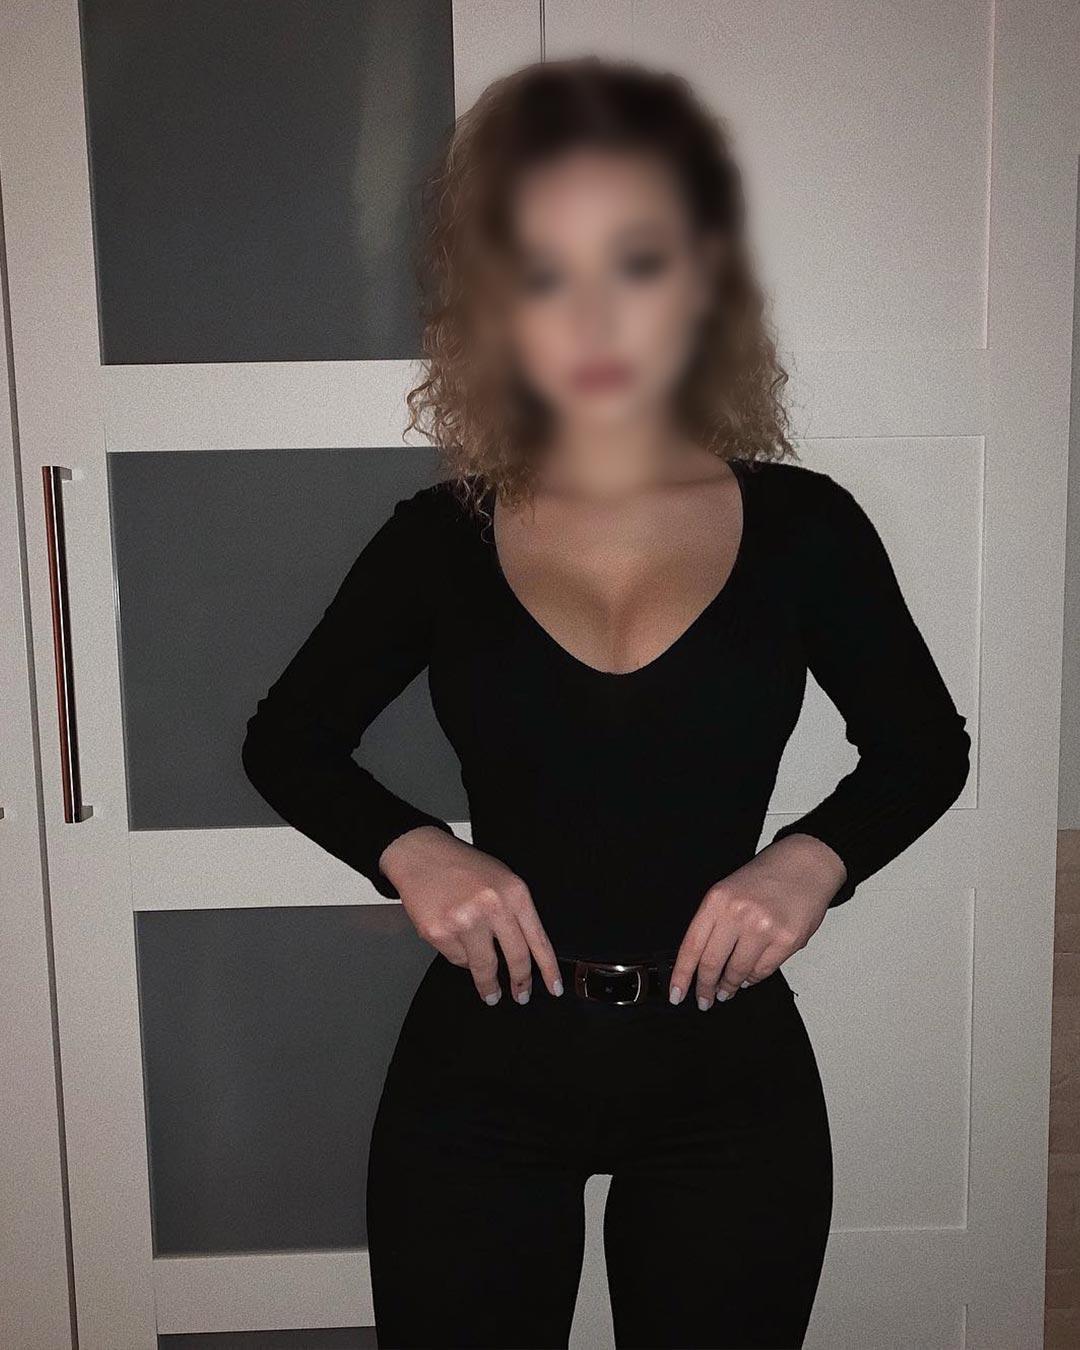 escort copenhagen escort brøndby